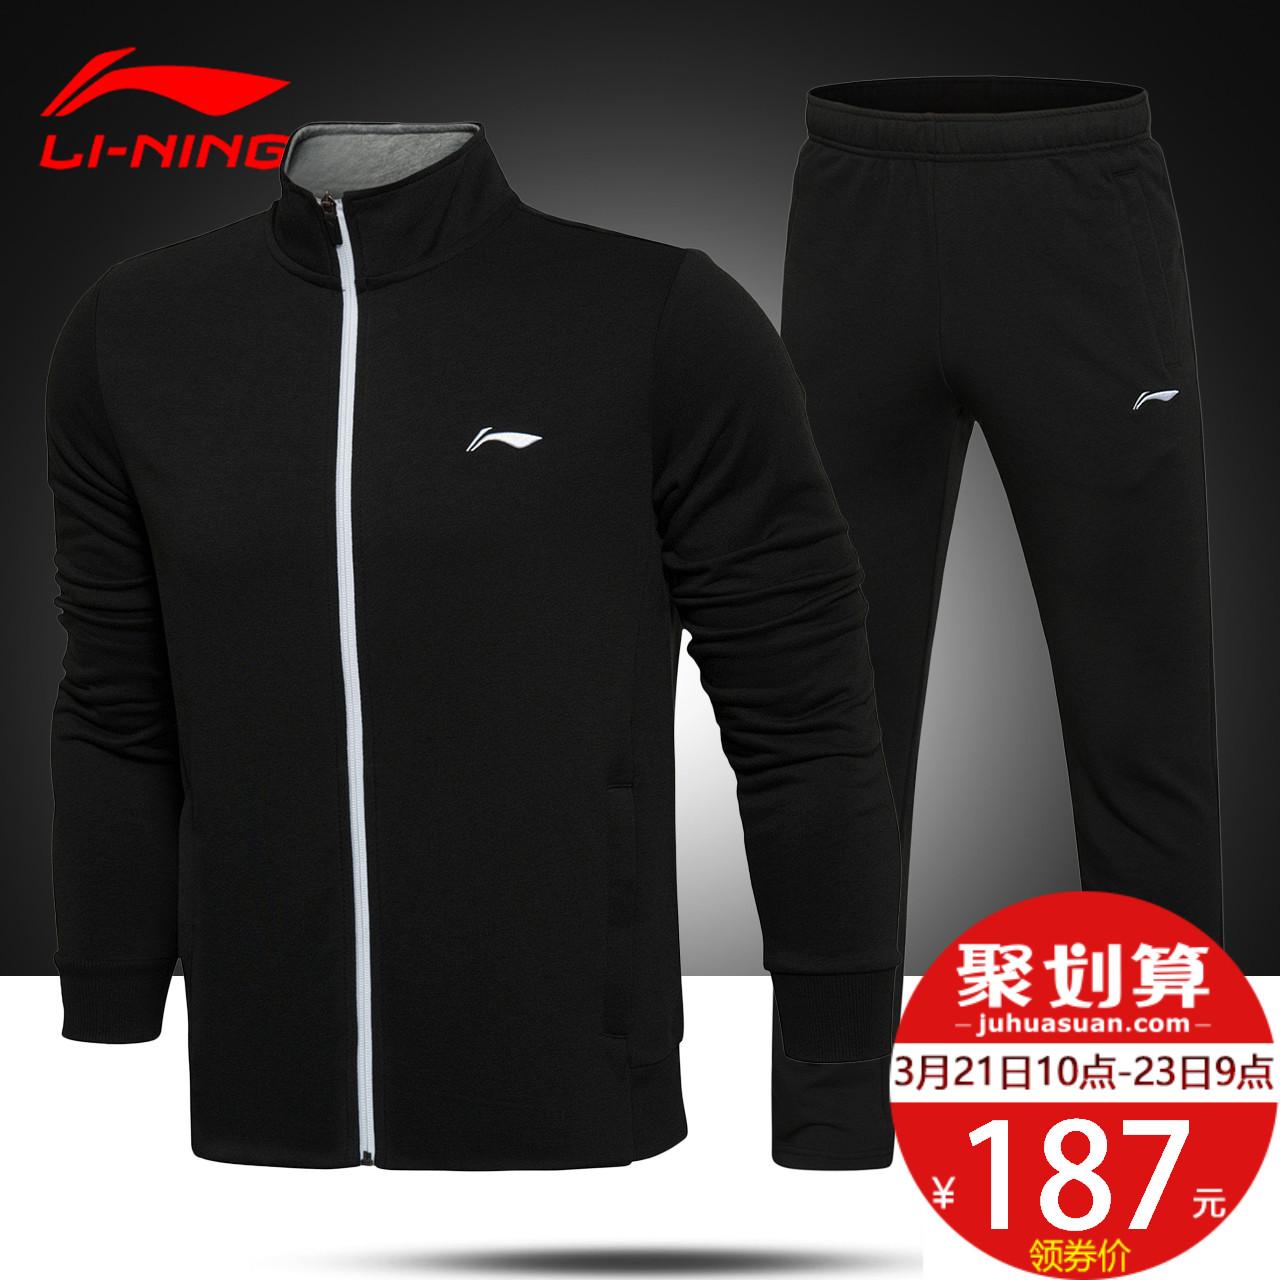 Китай li ning спортивный набор мужчина 2018 весенний и осенний сезон. новый движение одежда движение наряд бег одежда случайный движение одежда